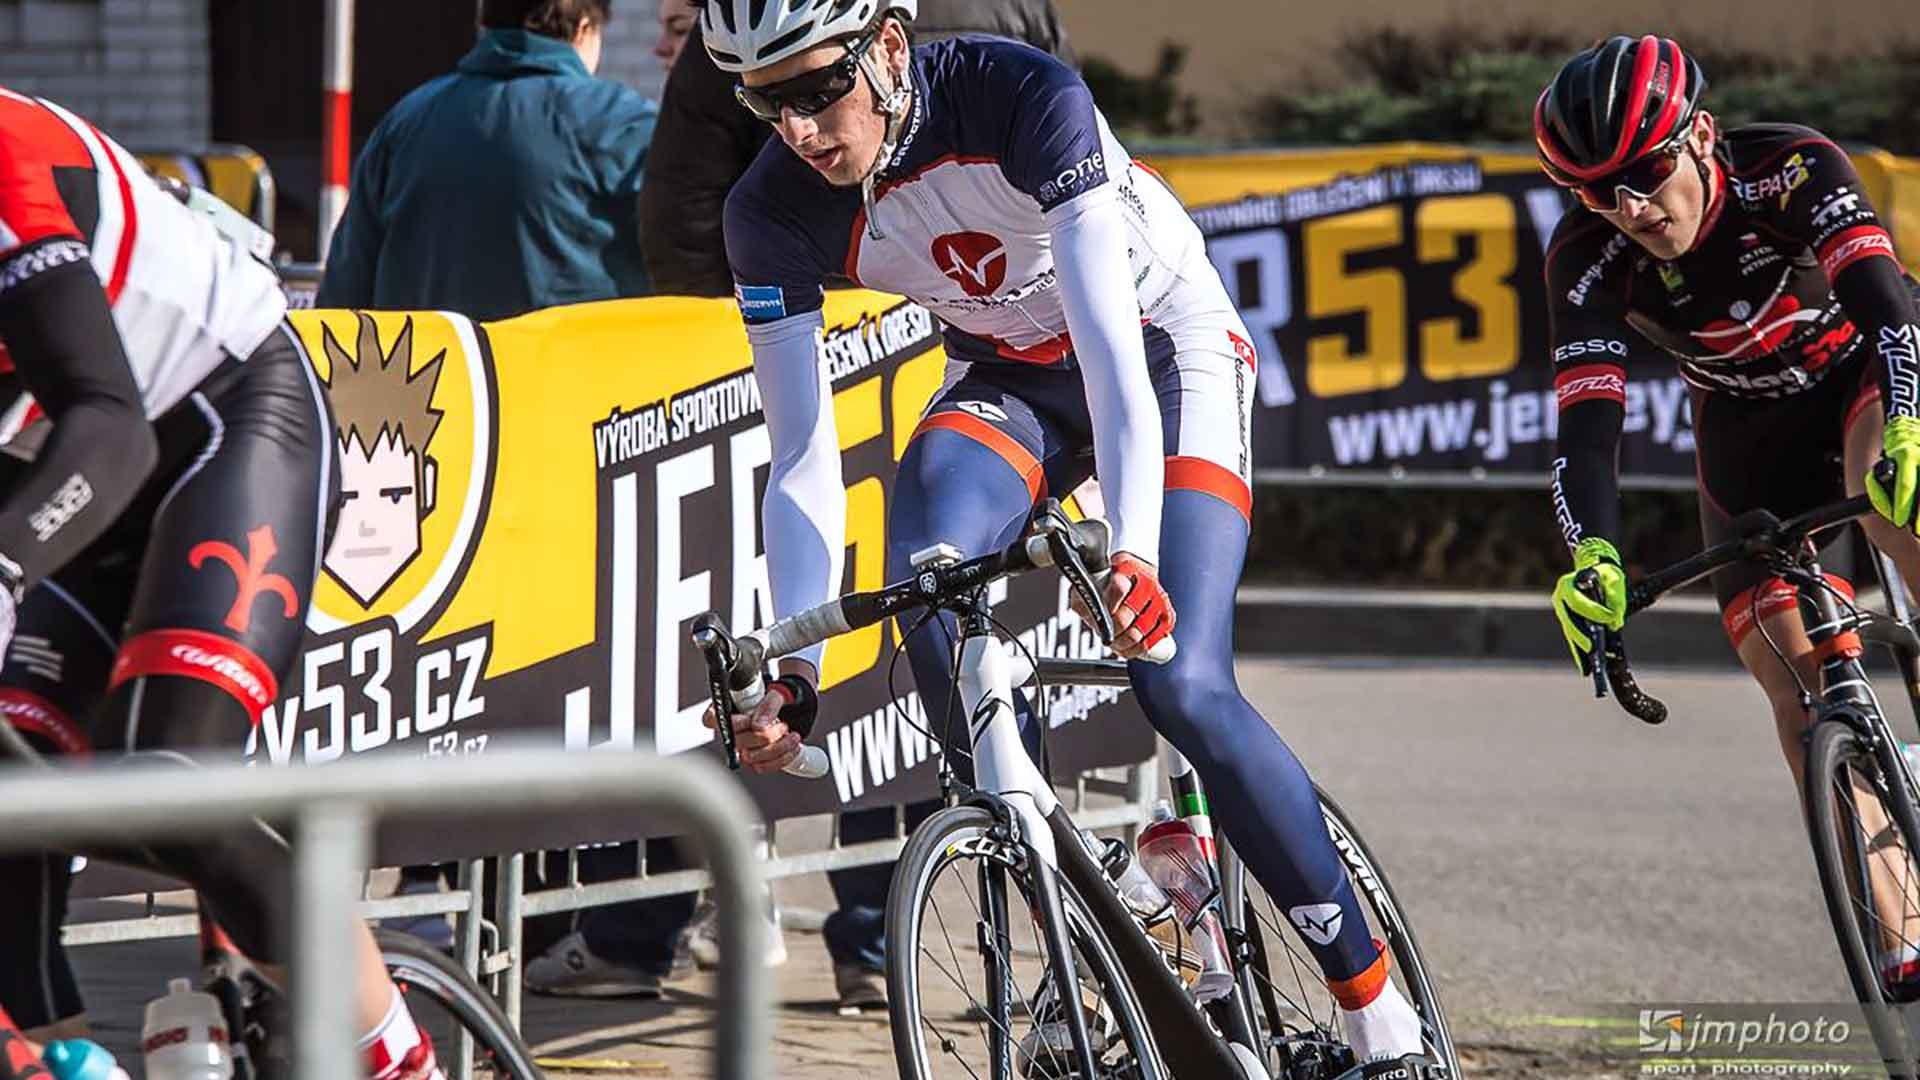 MTB Pavel Boudný a Josef Černý vítěz Czech cycling tour foto jmphoto fb